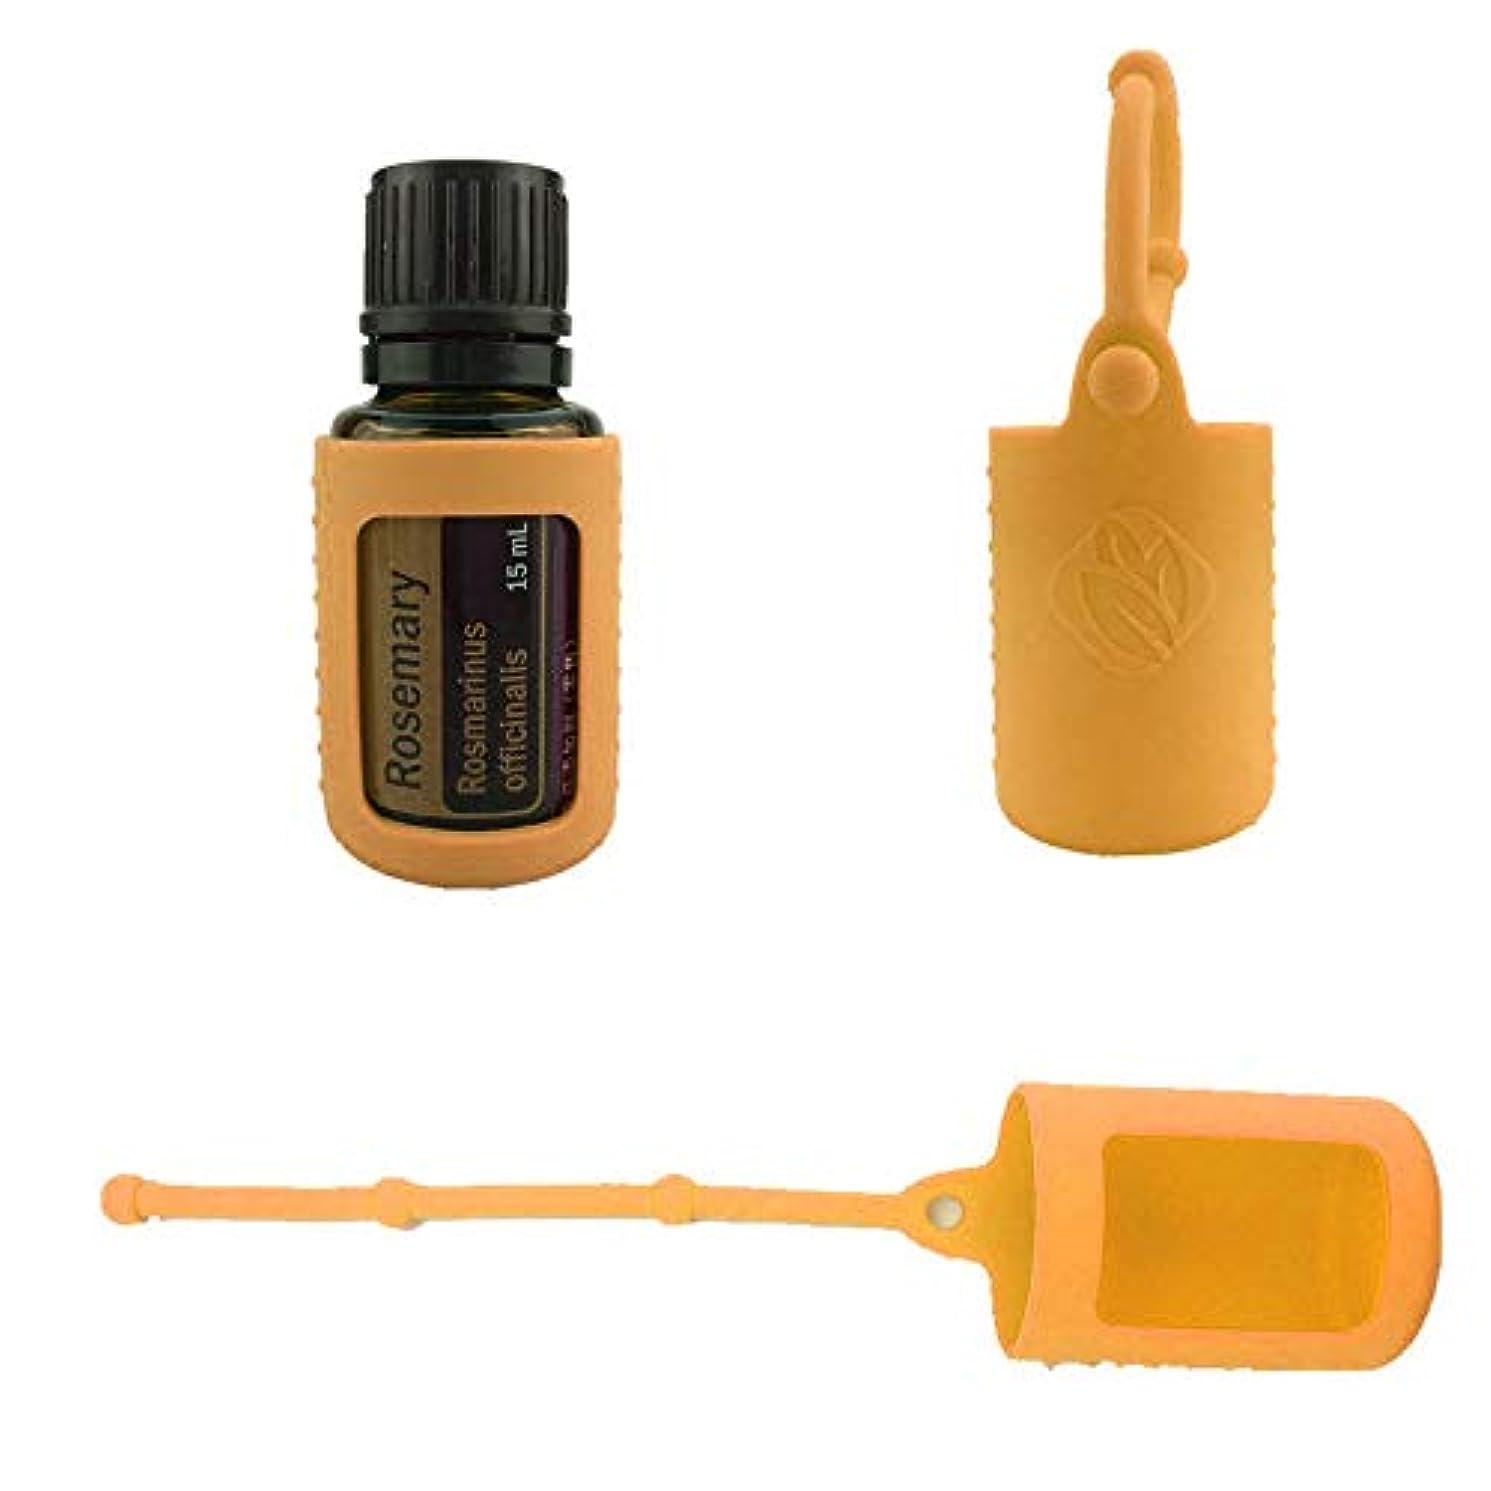 真っ逆さまロール狂気6パック熱望オイルボトルシリコンローラーボトルホルダースリーブエッセンシャルオイルボトル保護カバーケースハングロープ - オレンジ - 6-pcs 10ml